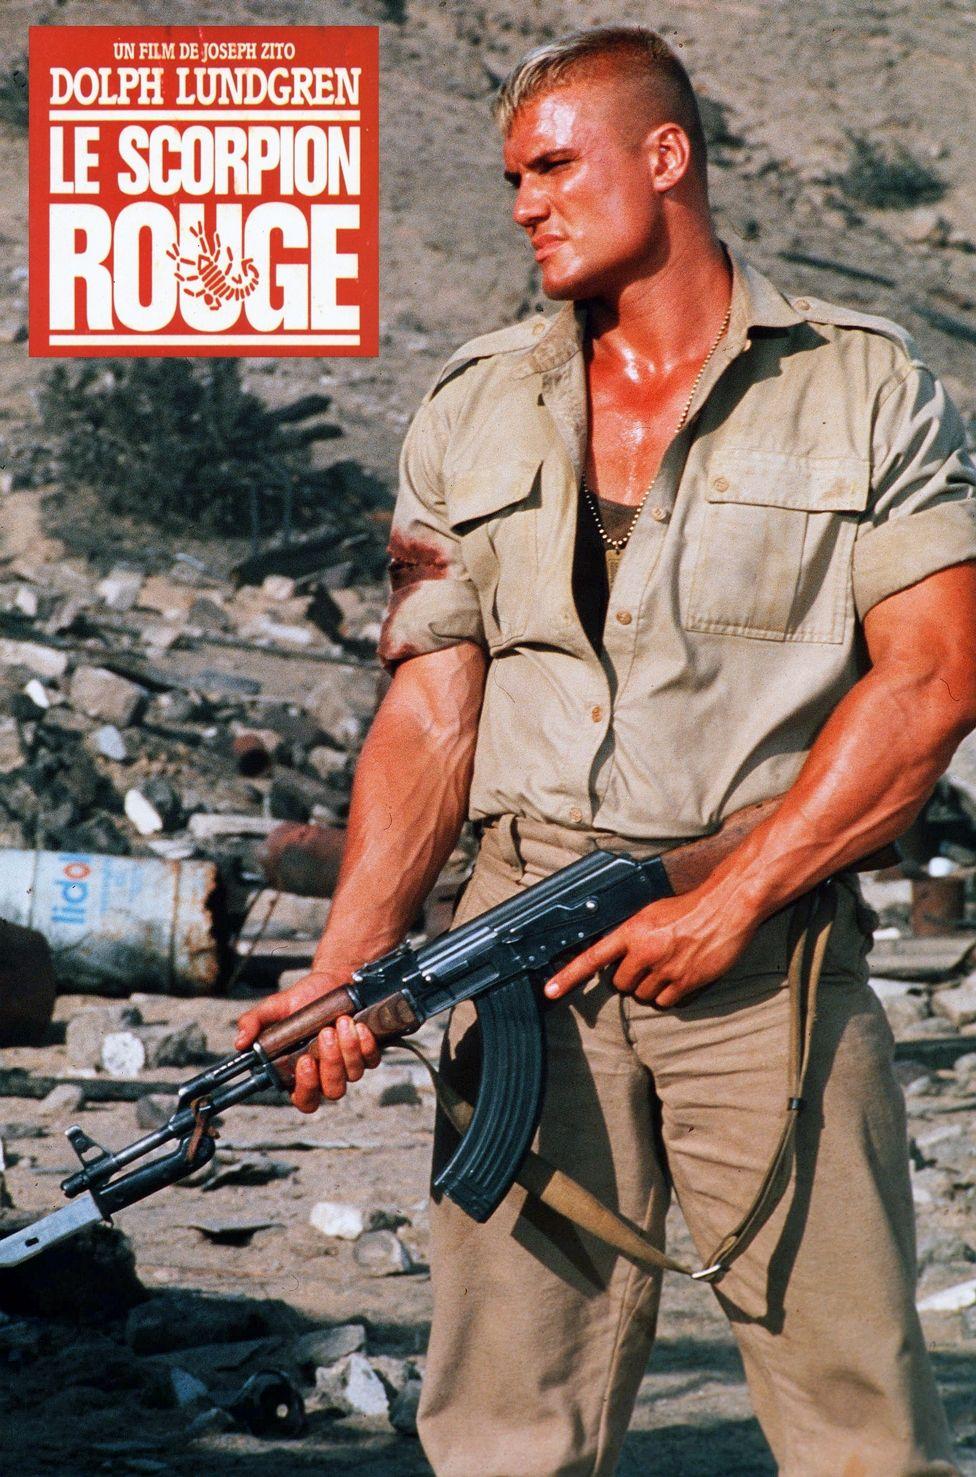 Red Scorpion, USA 1988, Director: Joseph Zito, Actors